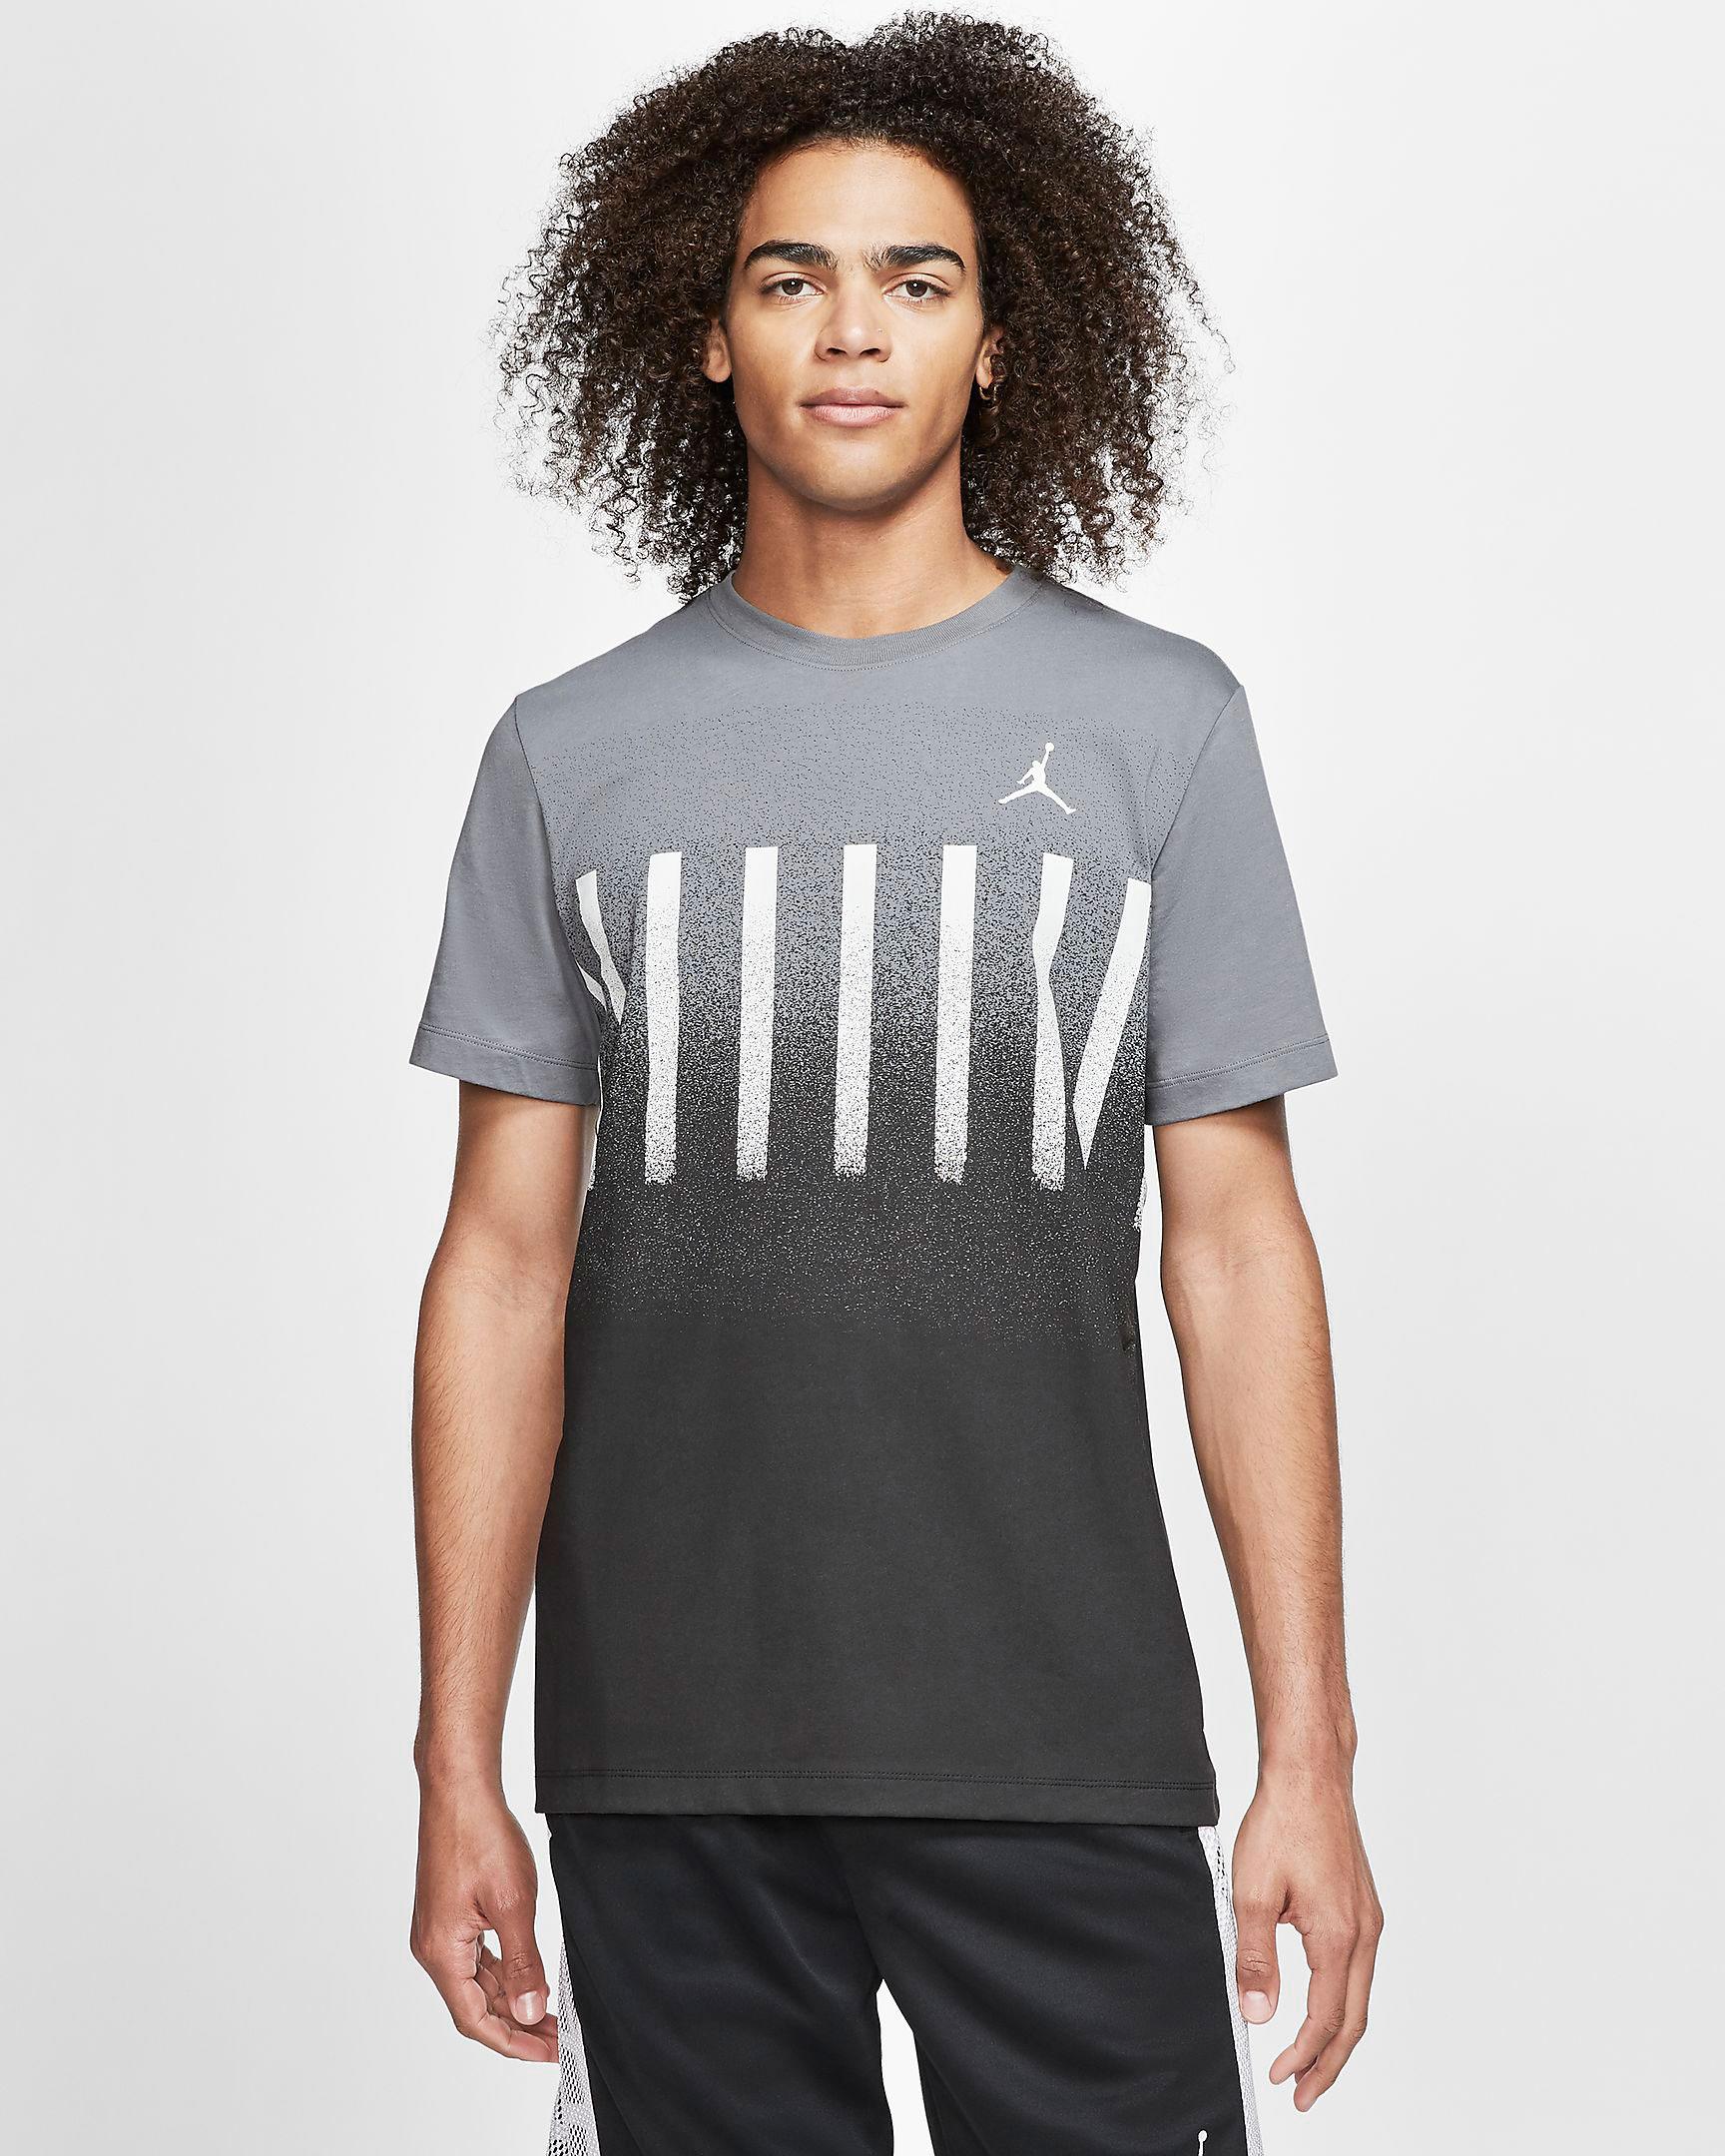 jordan-13-flint-grey-shirt-match-1